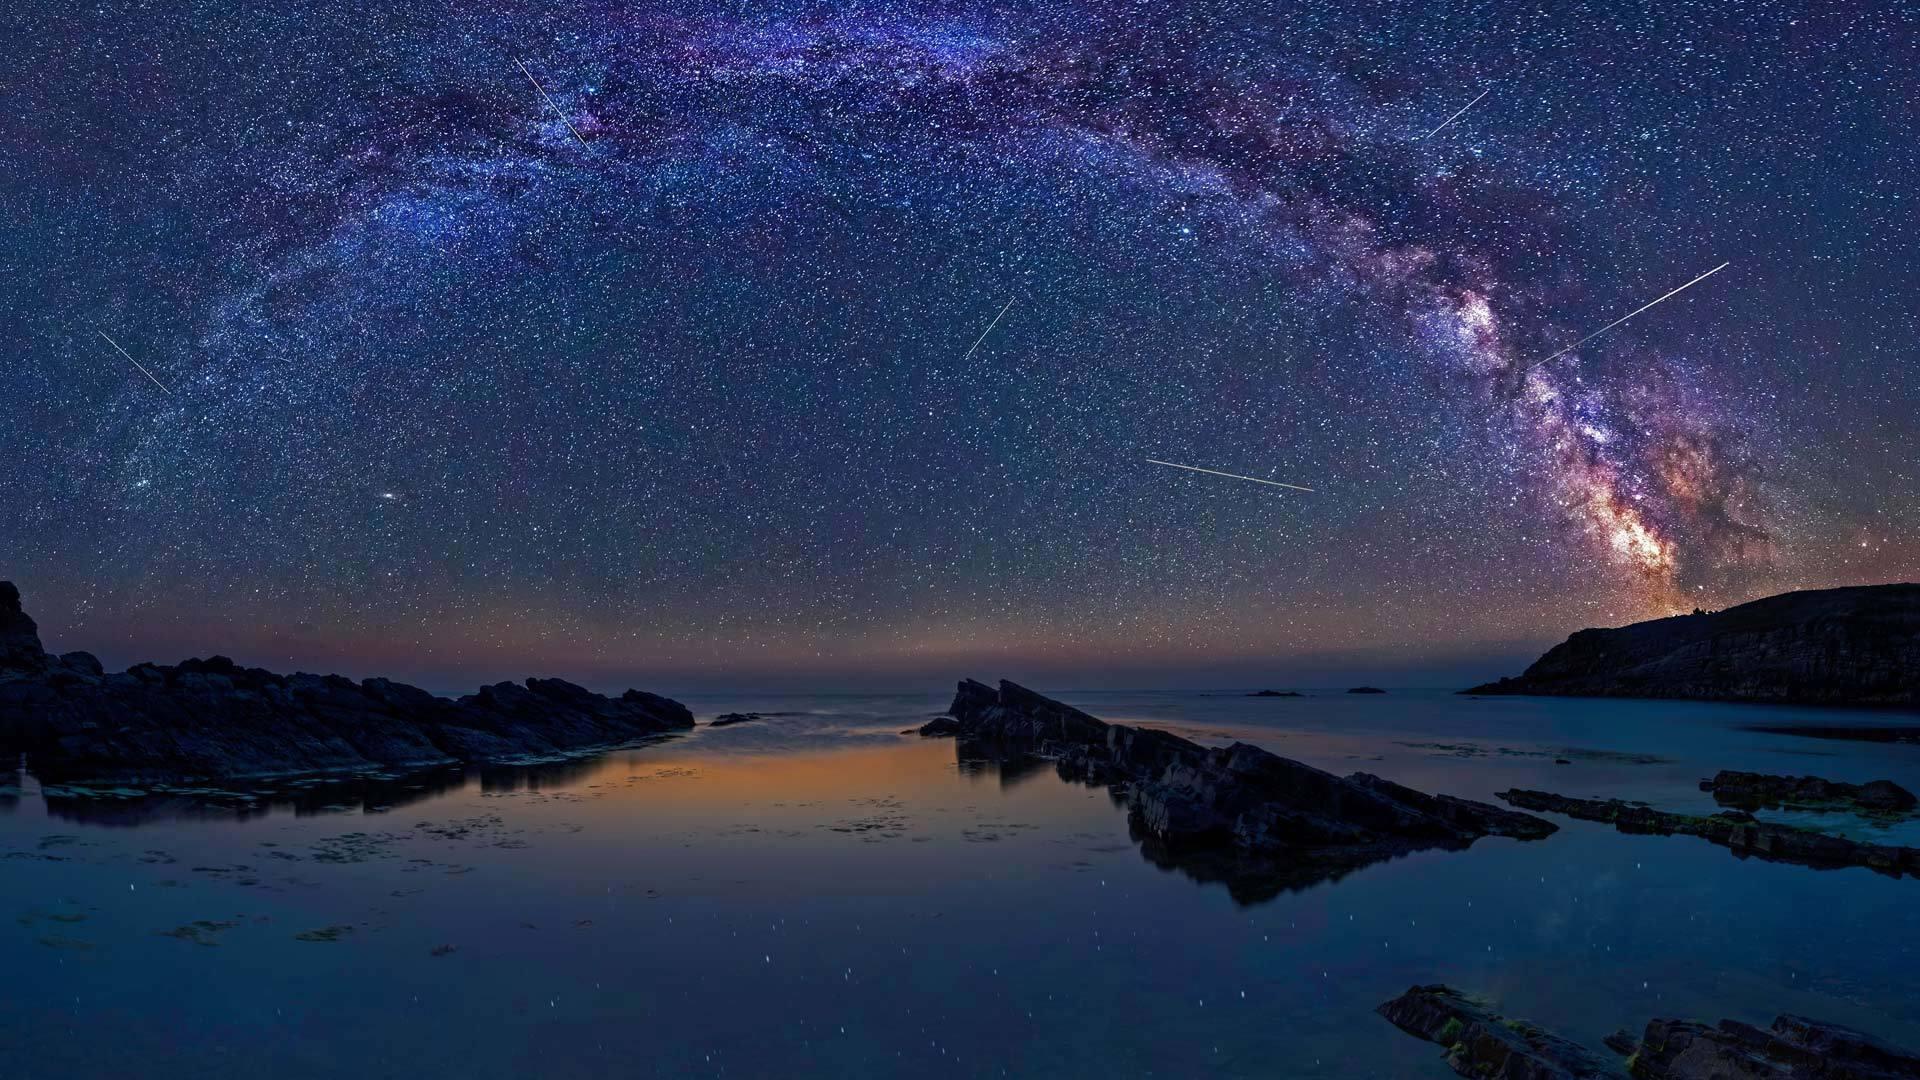 大气层与彗星的吻